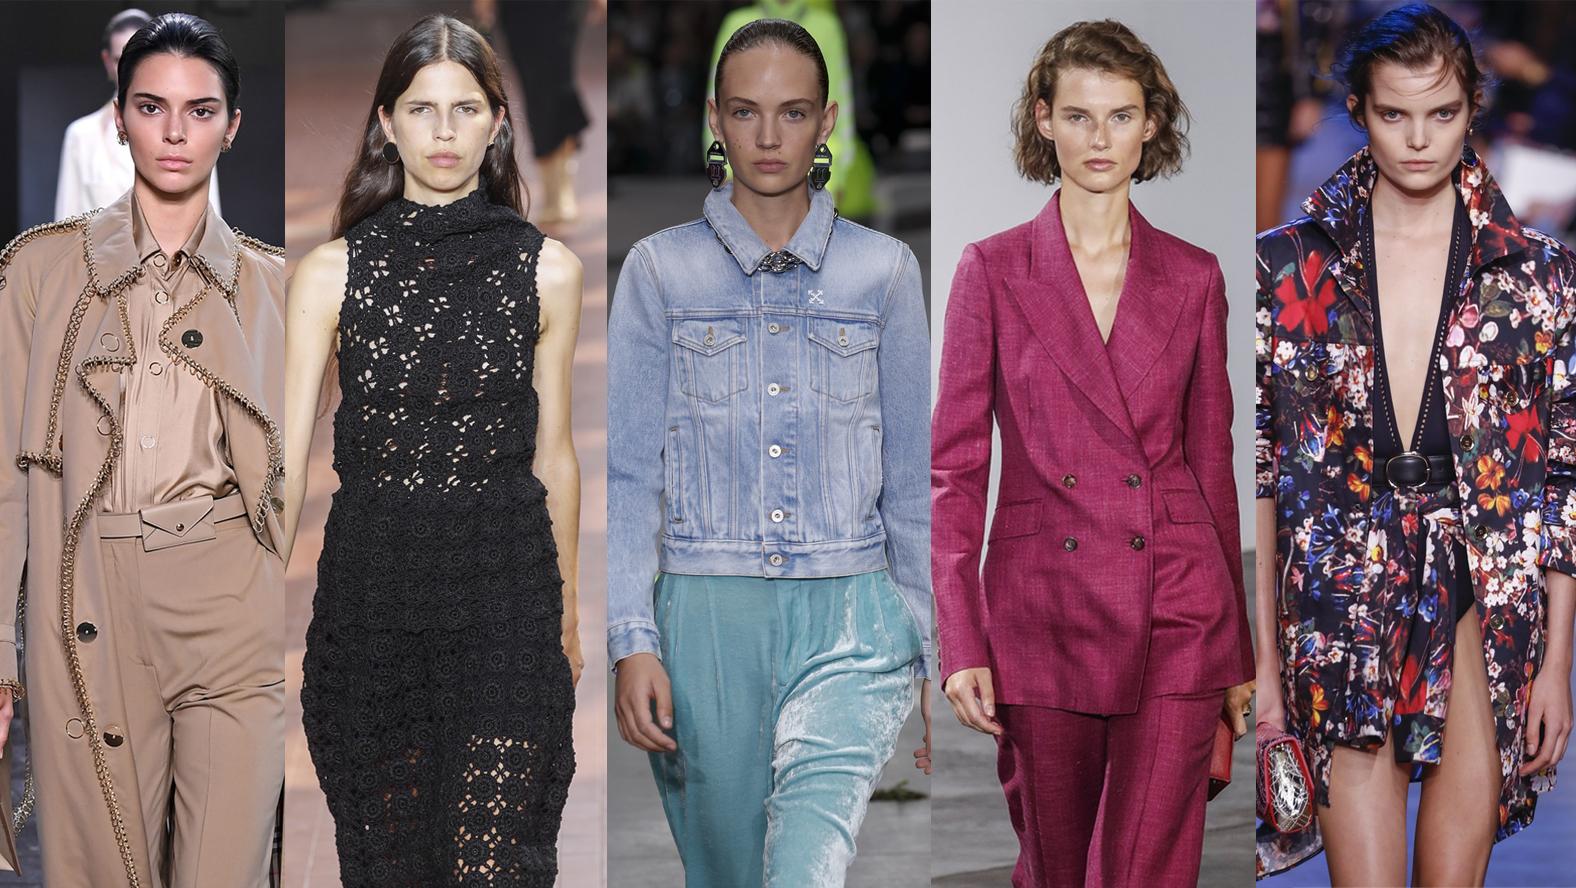 Pięć modnych rzeczy z sezonu wiosna lato 2019, które